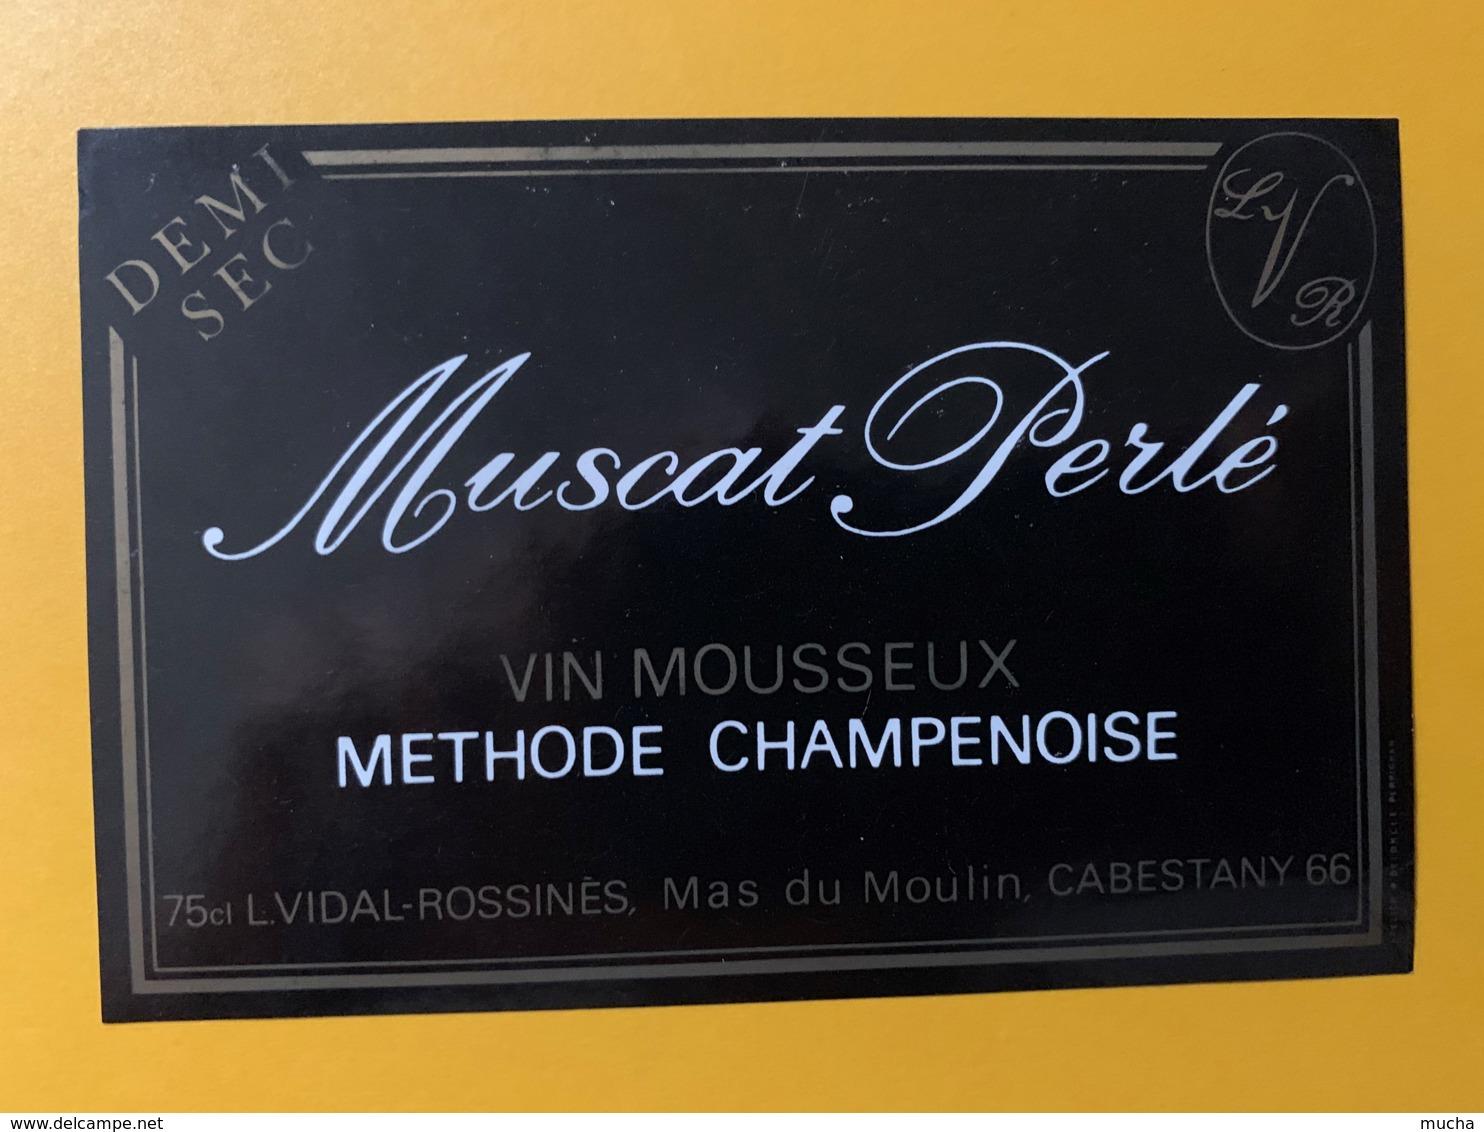 9275 - Muscat Perlé Vin Mousseux Vidal Cabestany - Etiquettes